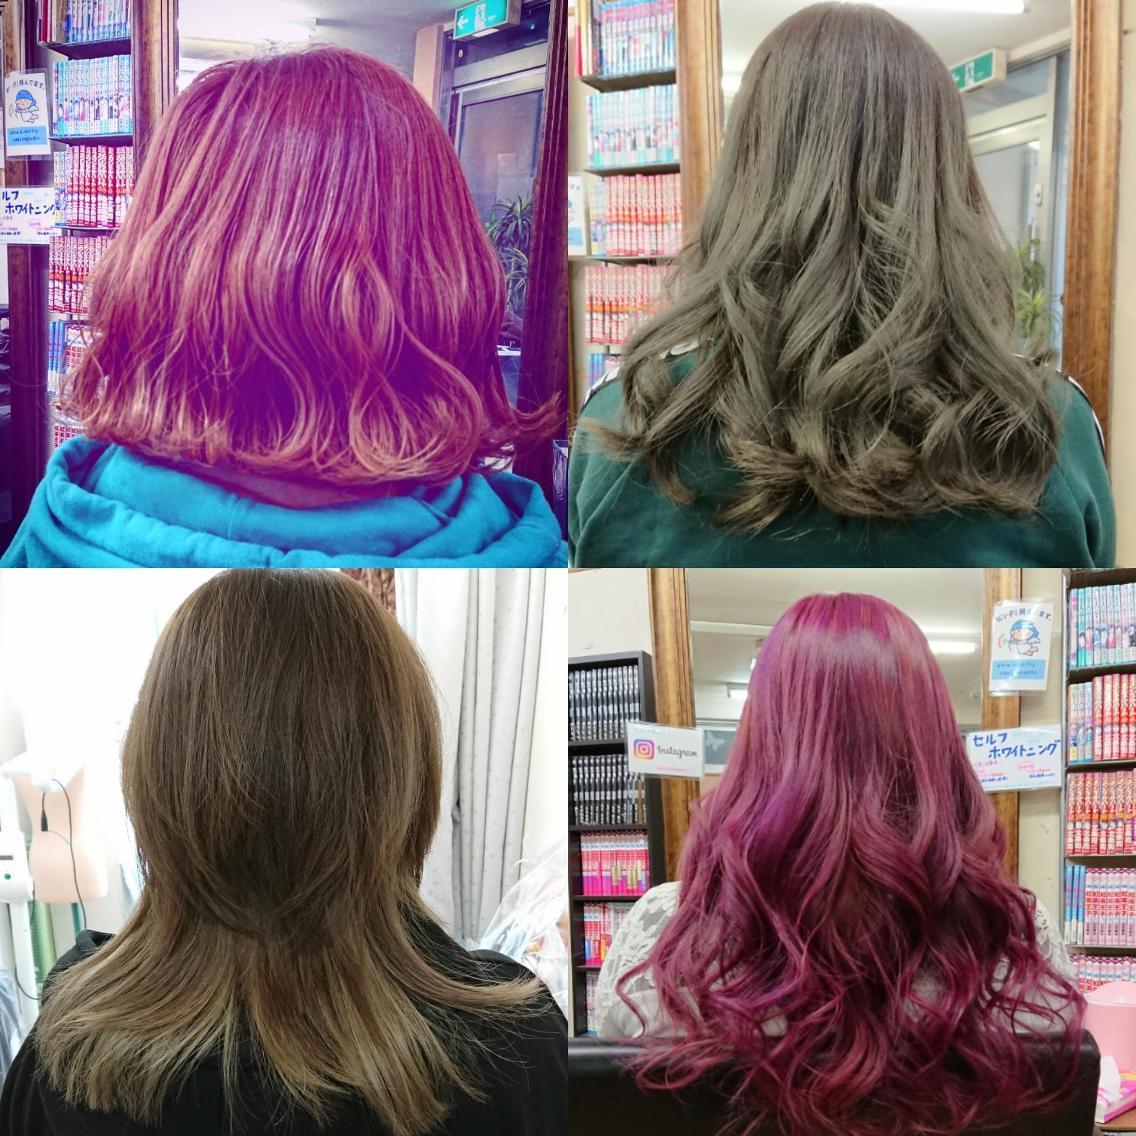 🌼新宿🌼hair&make R🌼お一人お一人の髪質や頭の形などを見極めて、ベストな施術をご提供します(◍˘◡˘◍)✧♡気になることはなんでもご相談ください🌈